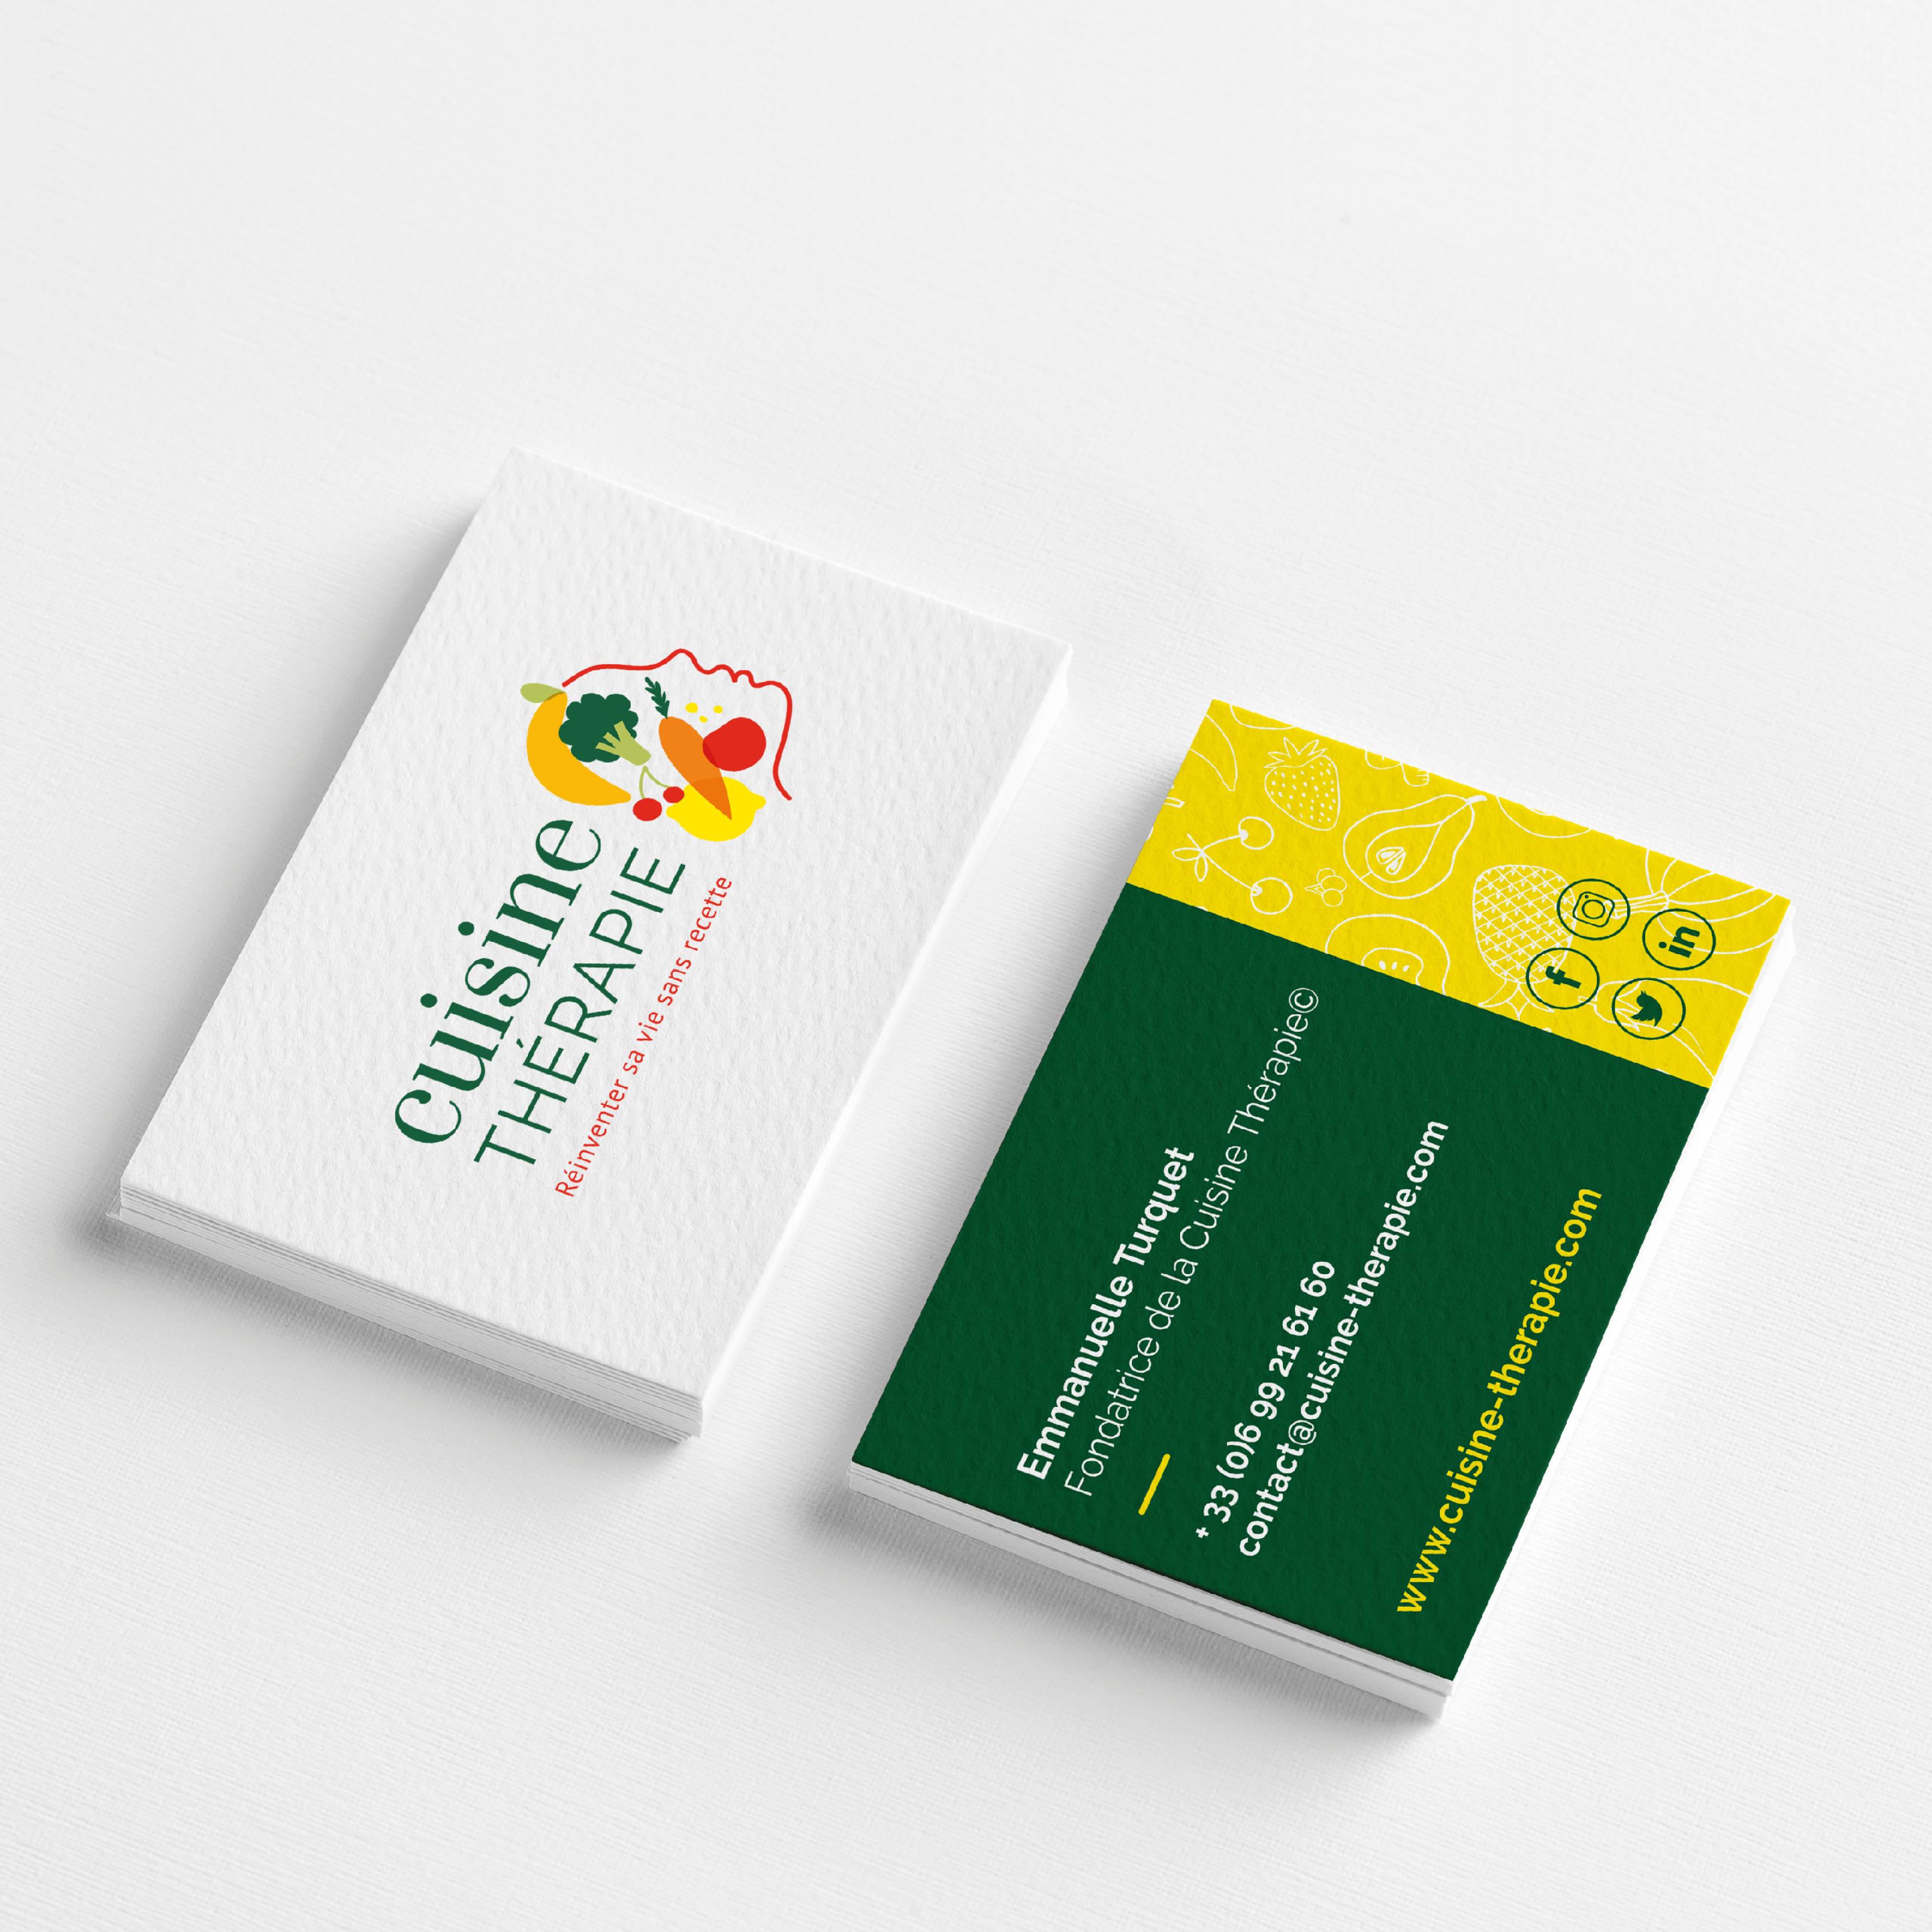 image-portfolio-cuisine-therapie-2